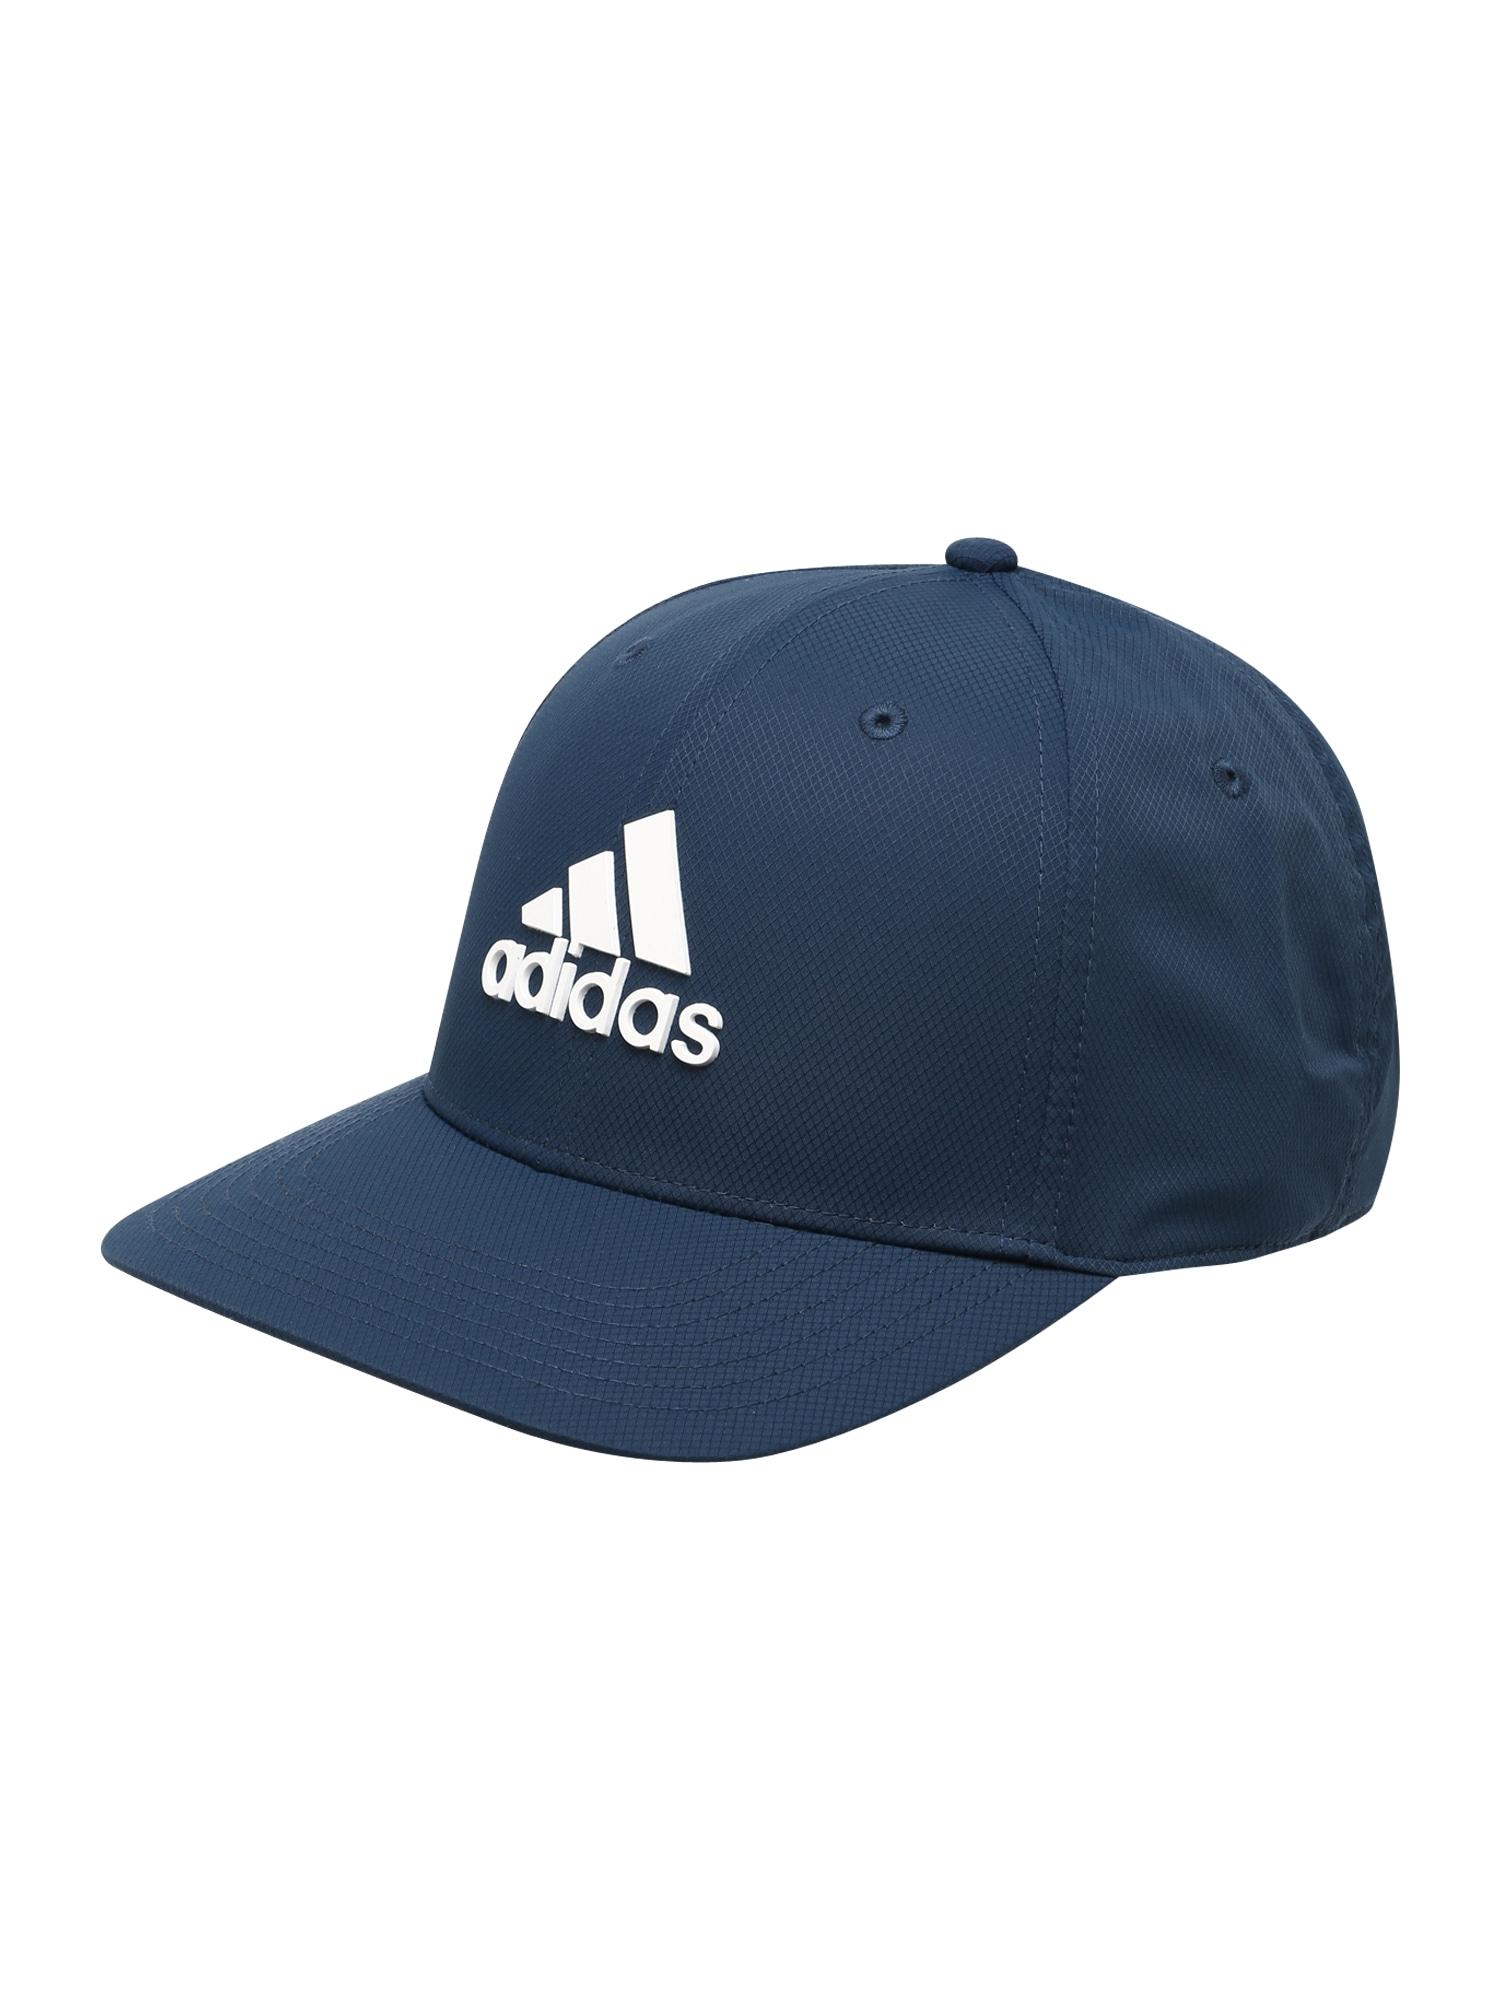 adidas Golf Sportinė kepurė tamsiai mėlyna / balta